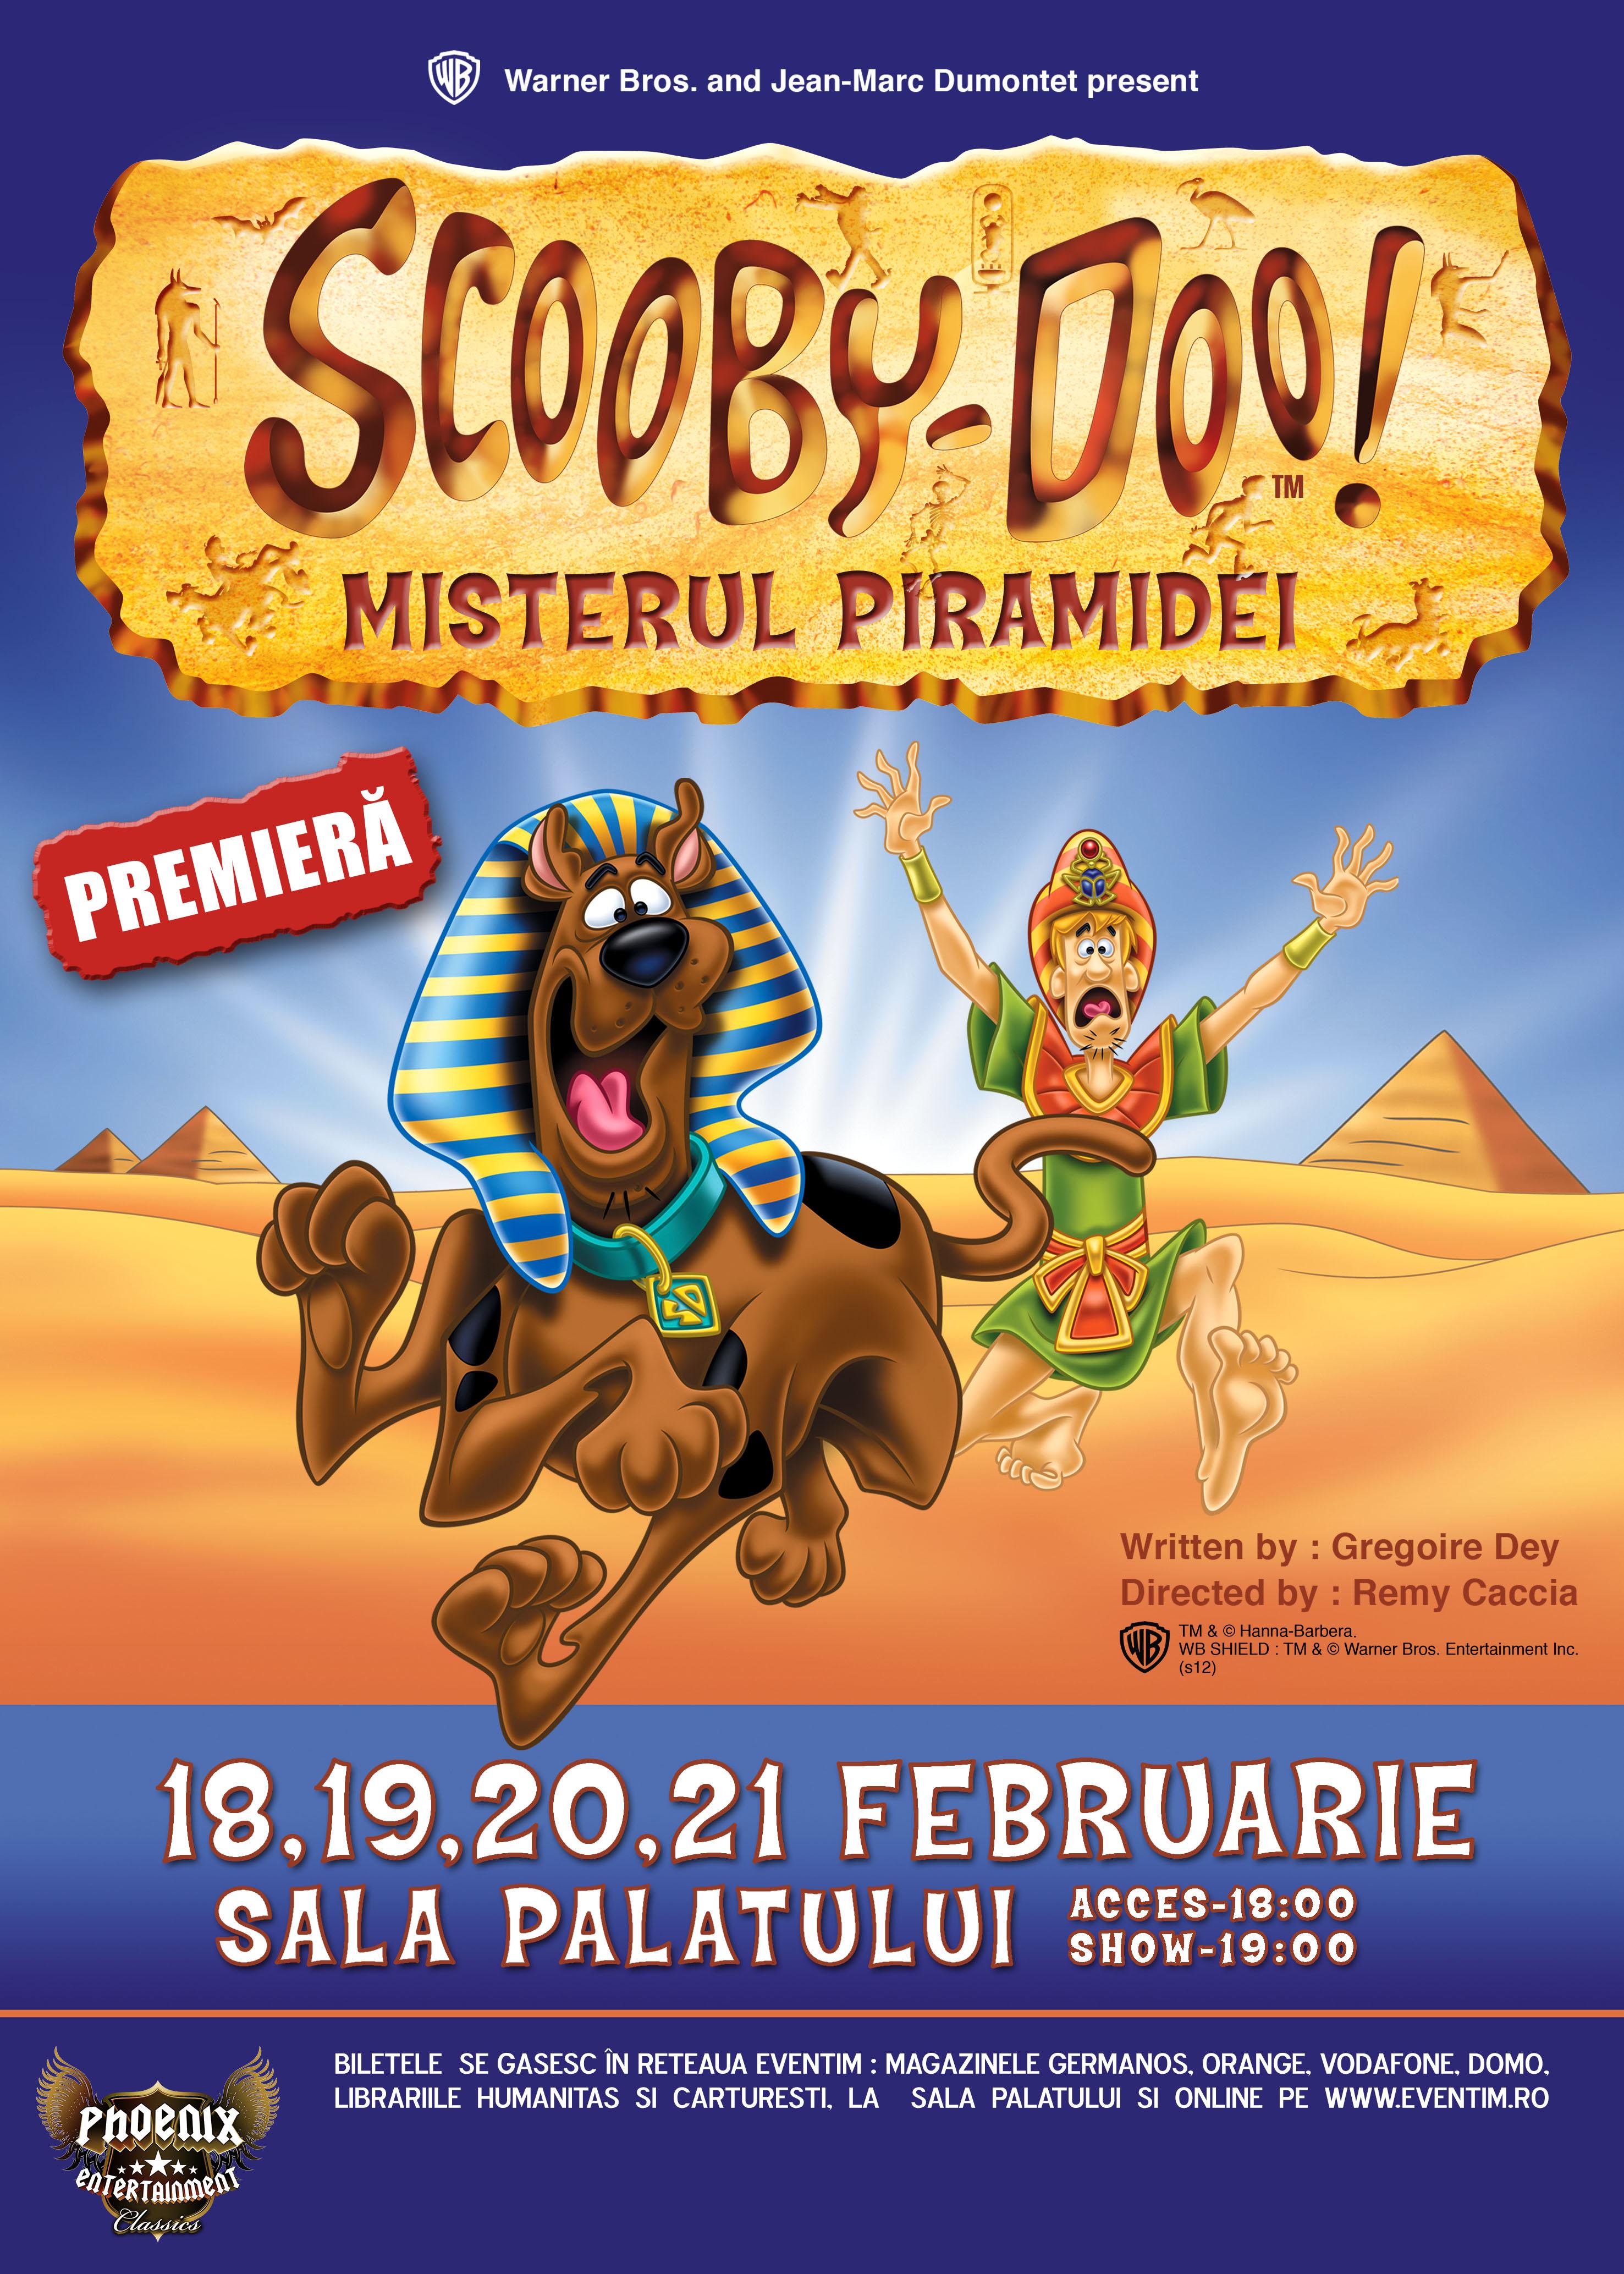 Scooby Doo Misterul piramidei